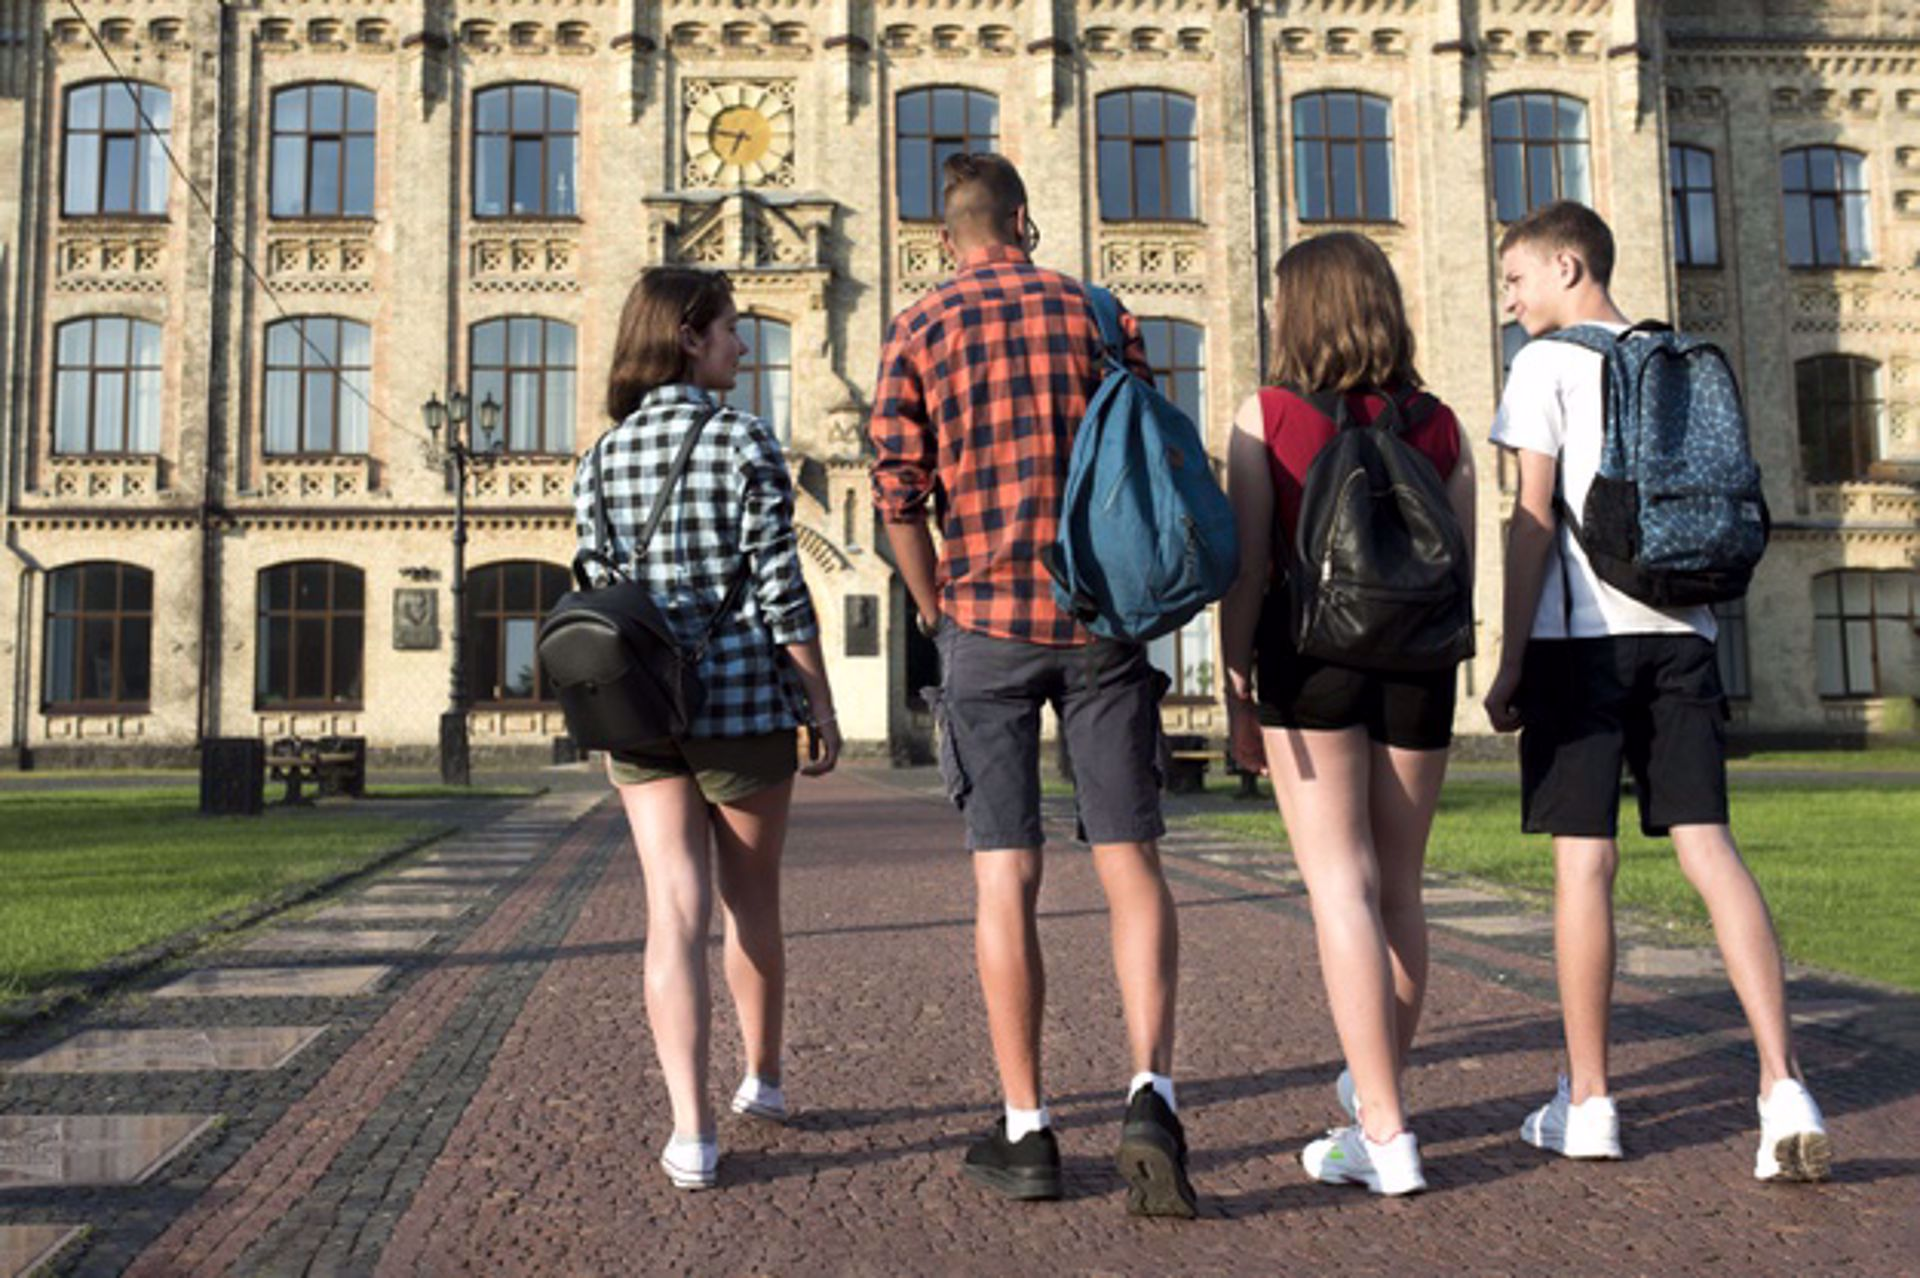 Virtual or Actual School?